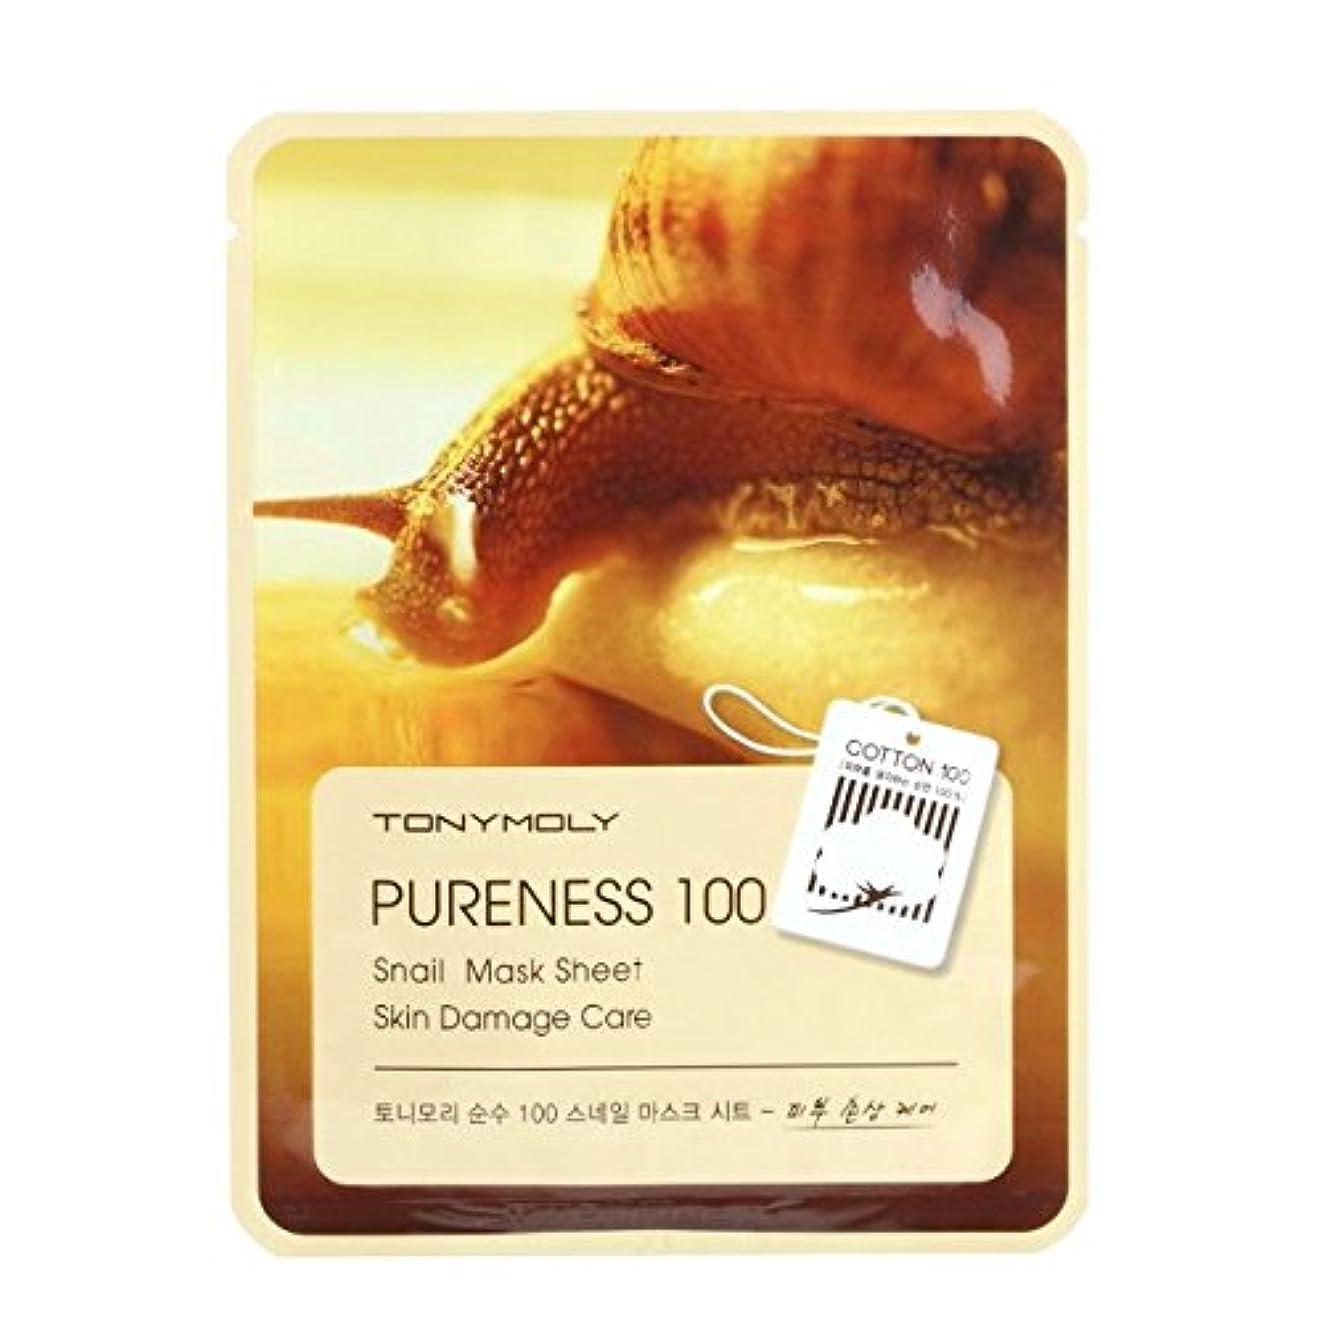 シーサイド好きアレルギー(3 Pack) TONYMOLY Pureness 100 Snail Mask Sheet Skin Damage Care (並行輸入品)